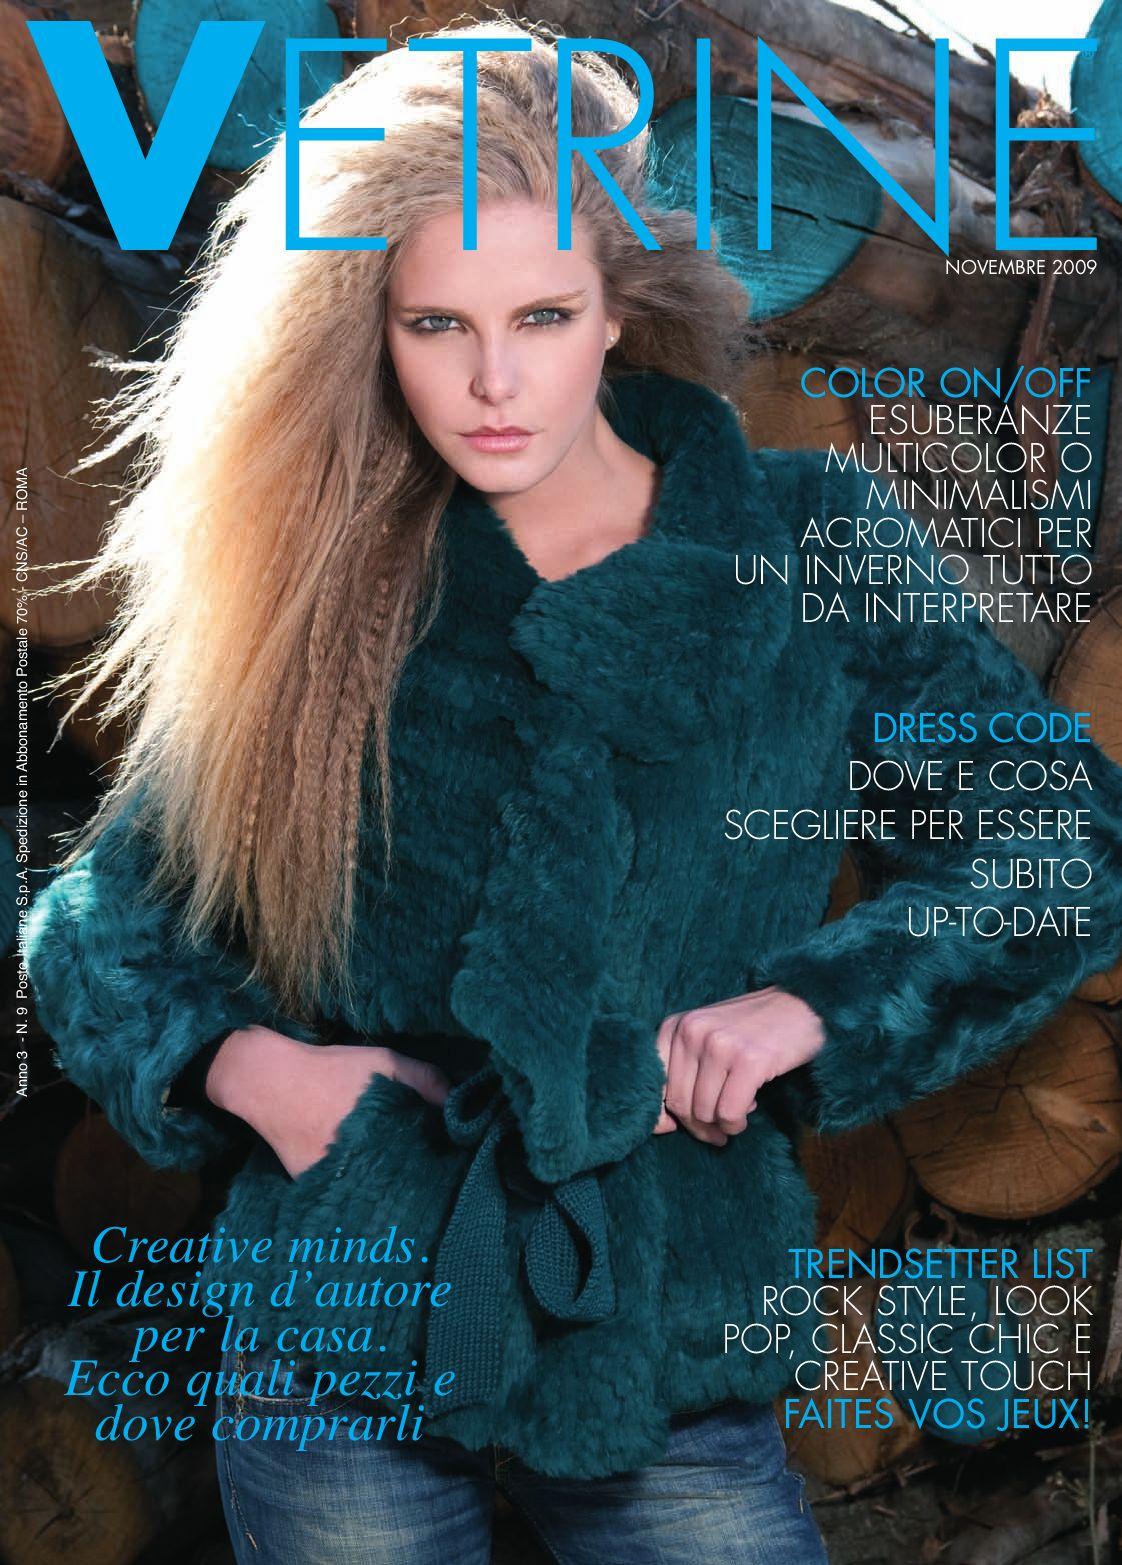 184a7eb1a3839 Vetrine 36 Novembre 2009 by VETRINE - issuu